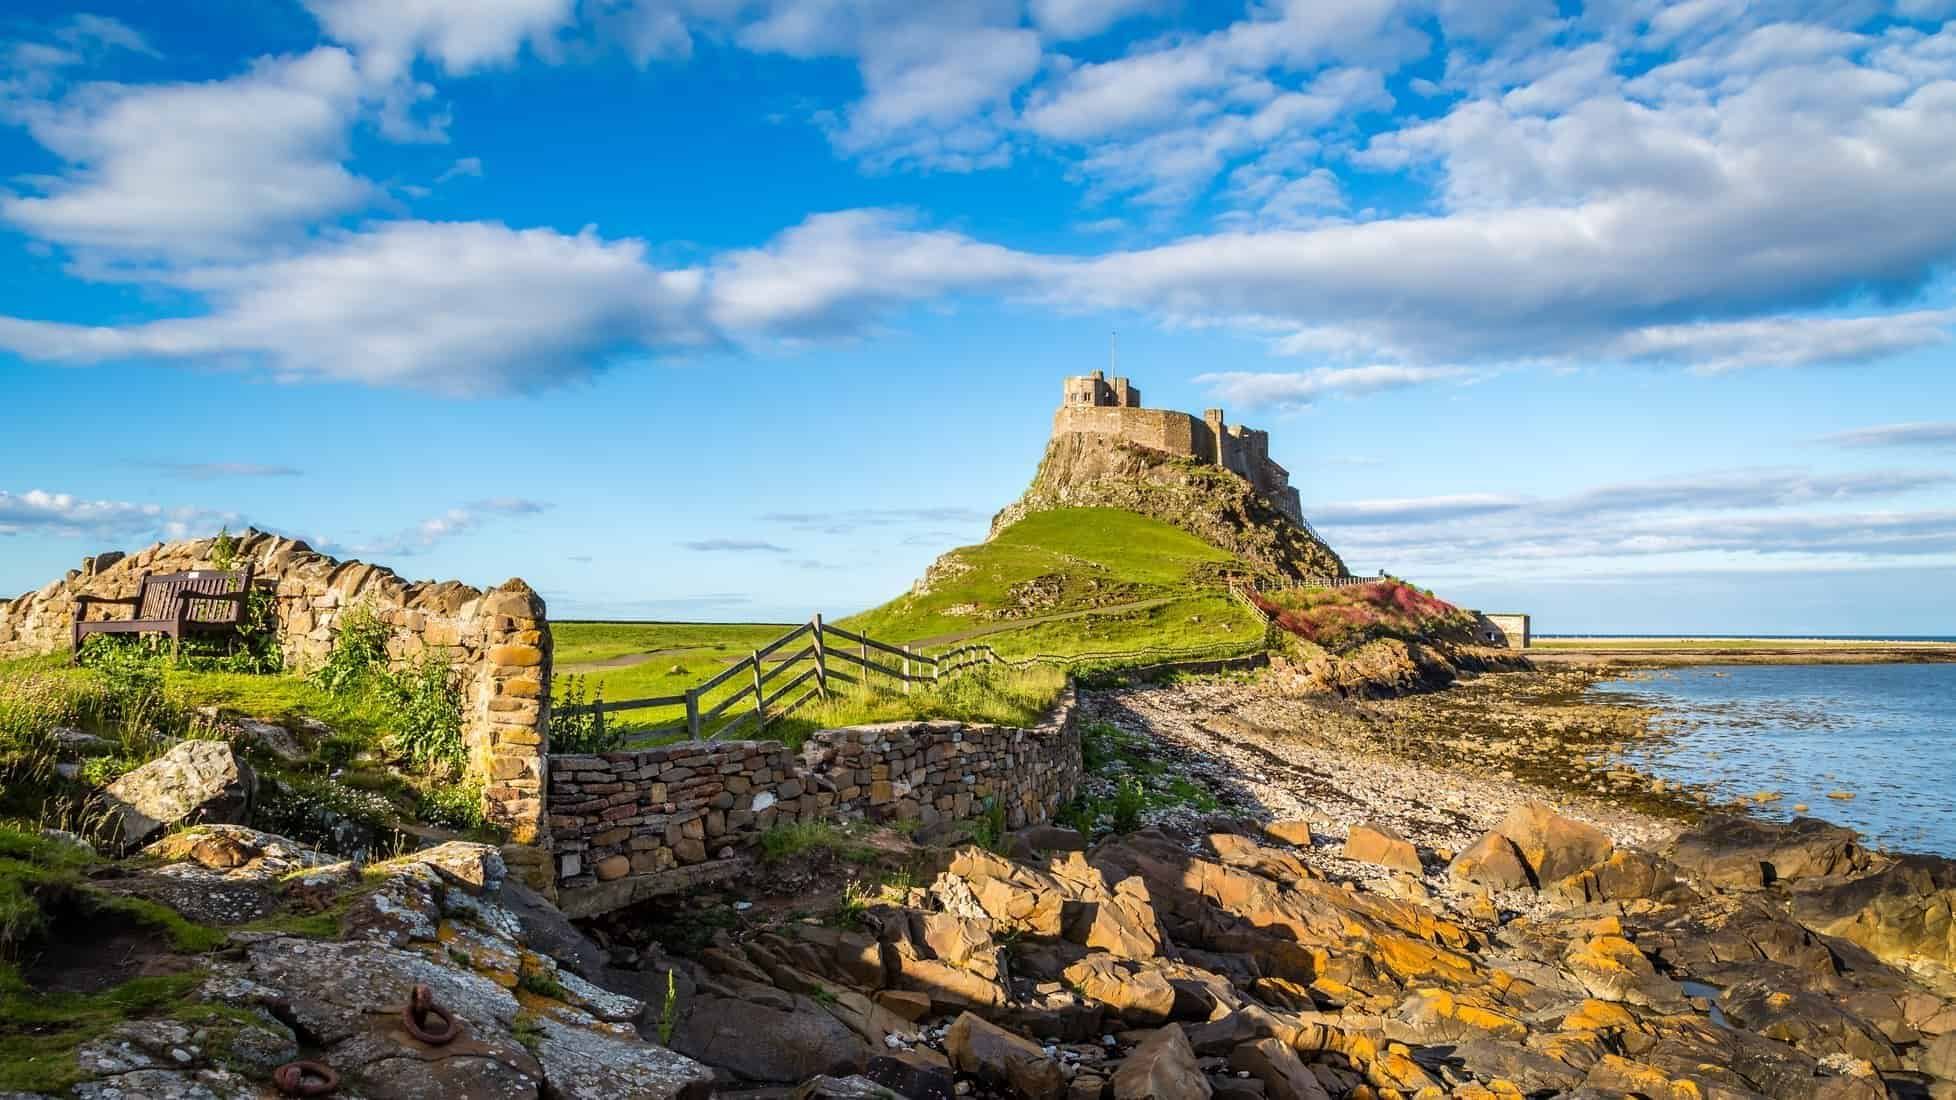 Lindisfarne Castle on the Northumberland coast, Northumberland, England